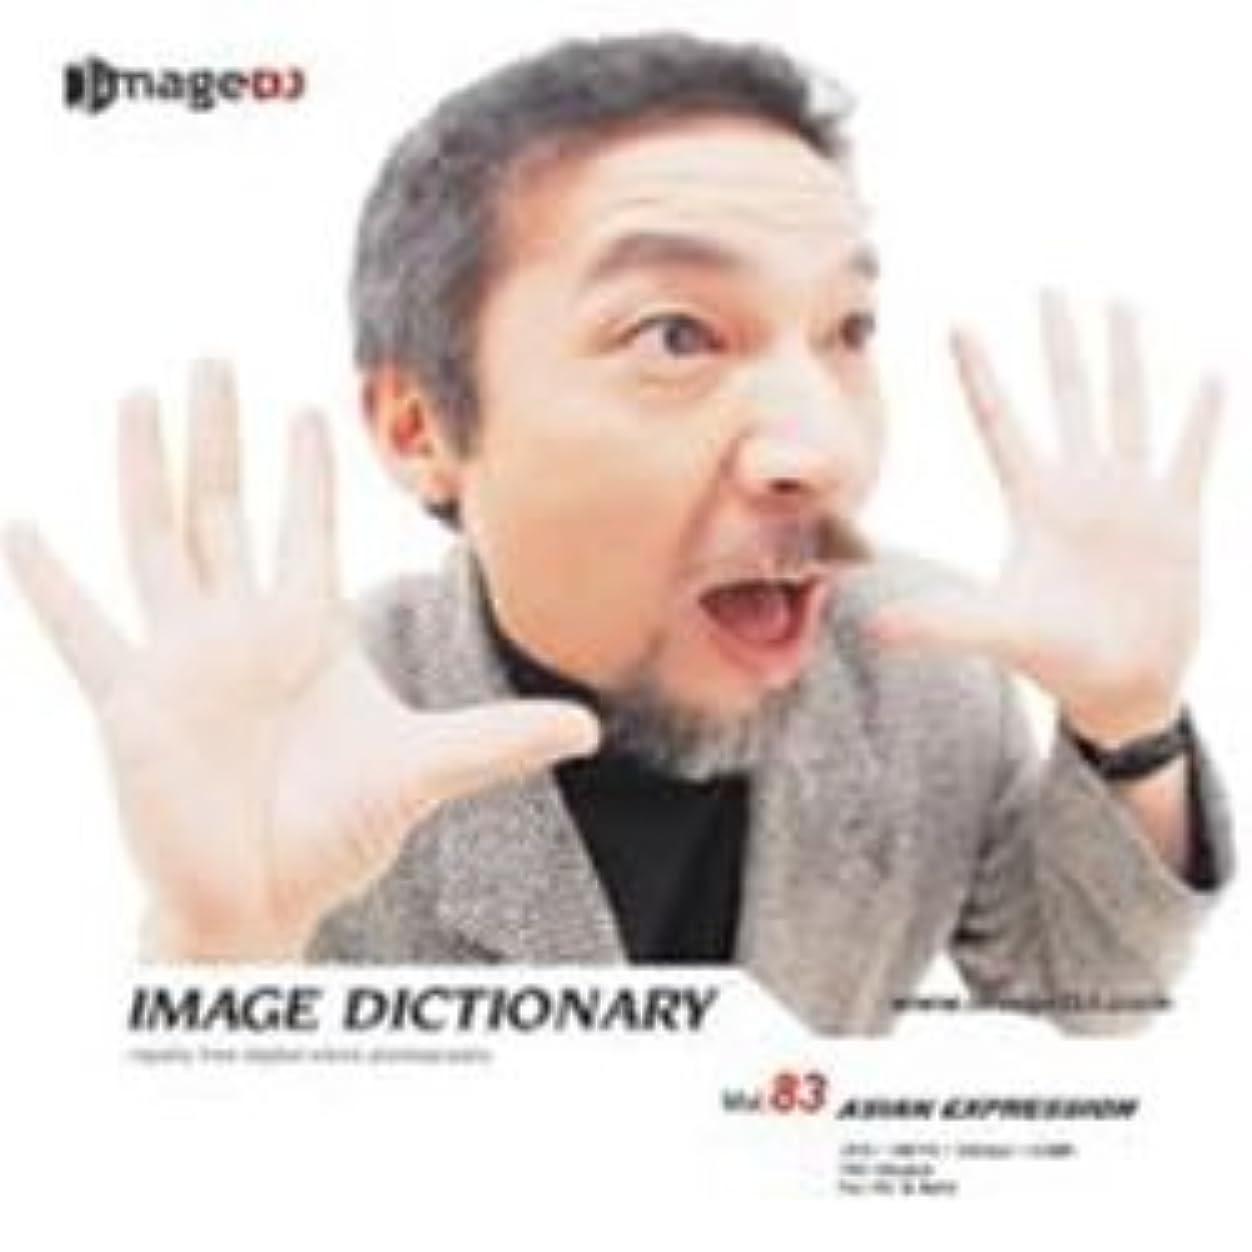 ピッチャー容量コミットメントイメージ ディクショナリー Vol.83 アジア人の表情